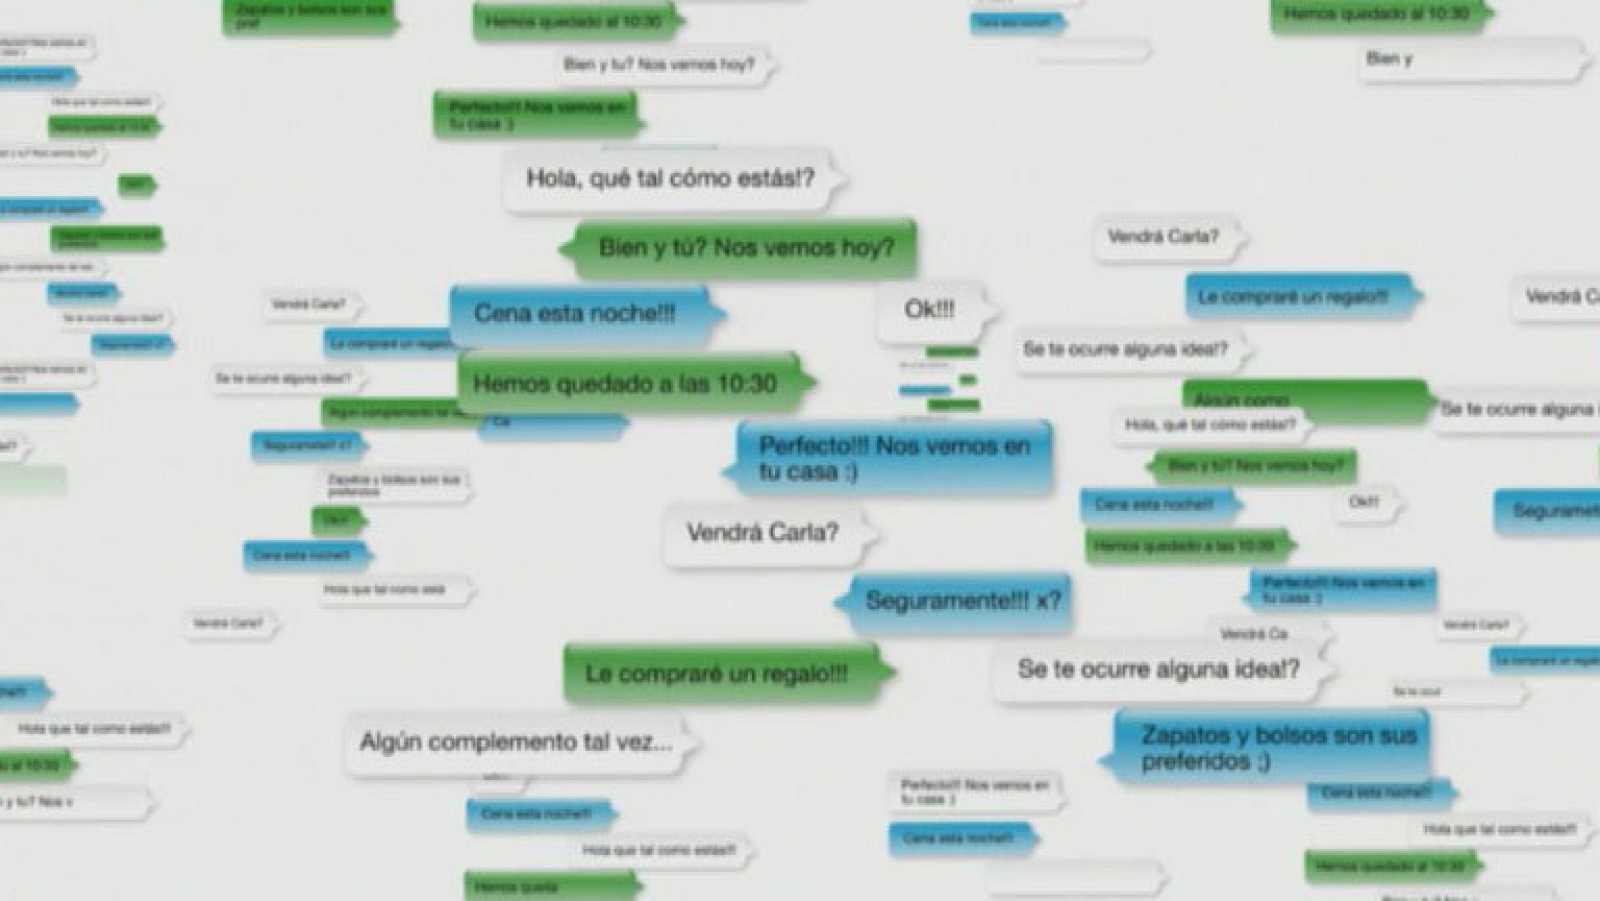 Nueva aplicación de mensajería instantánea gratuita y con posibilidad de generar beneficios